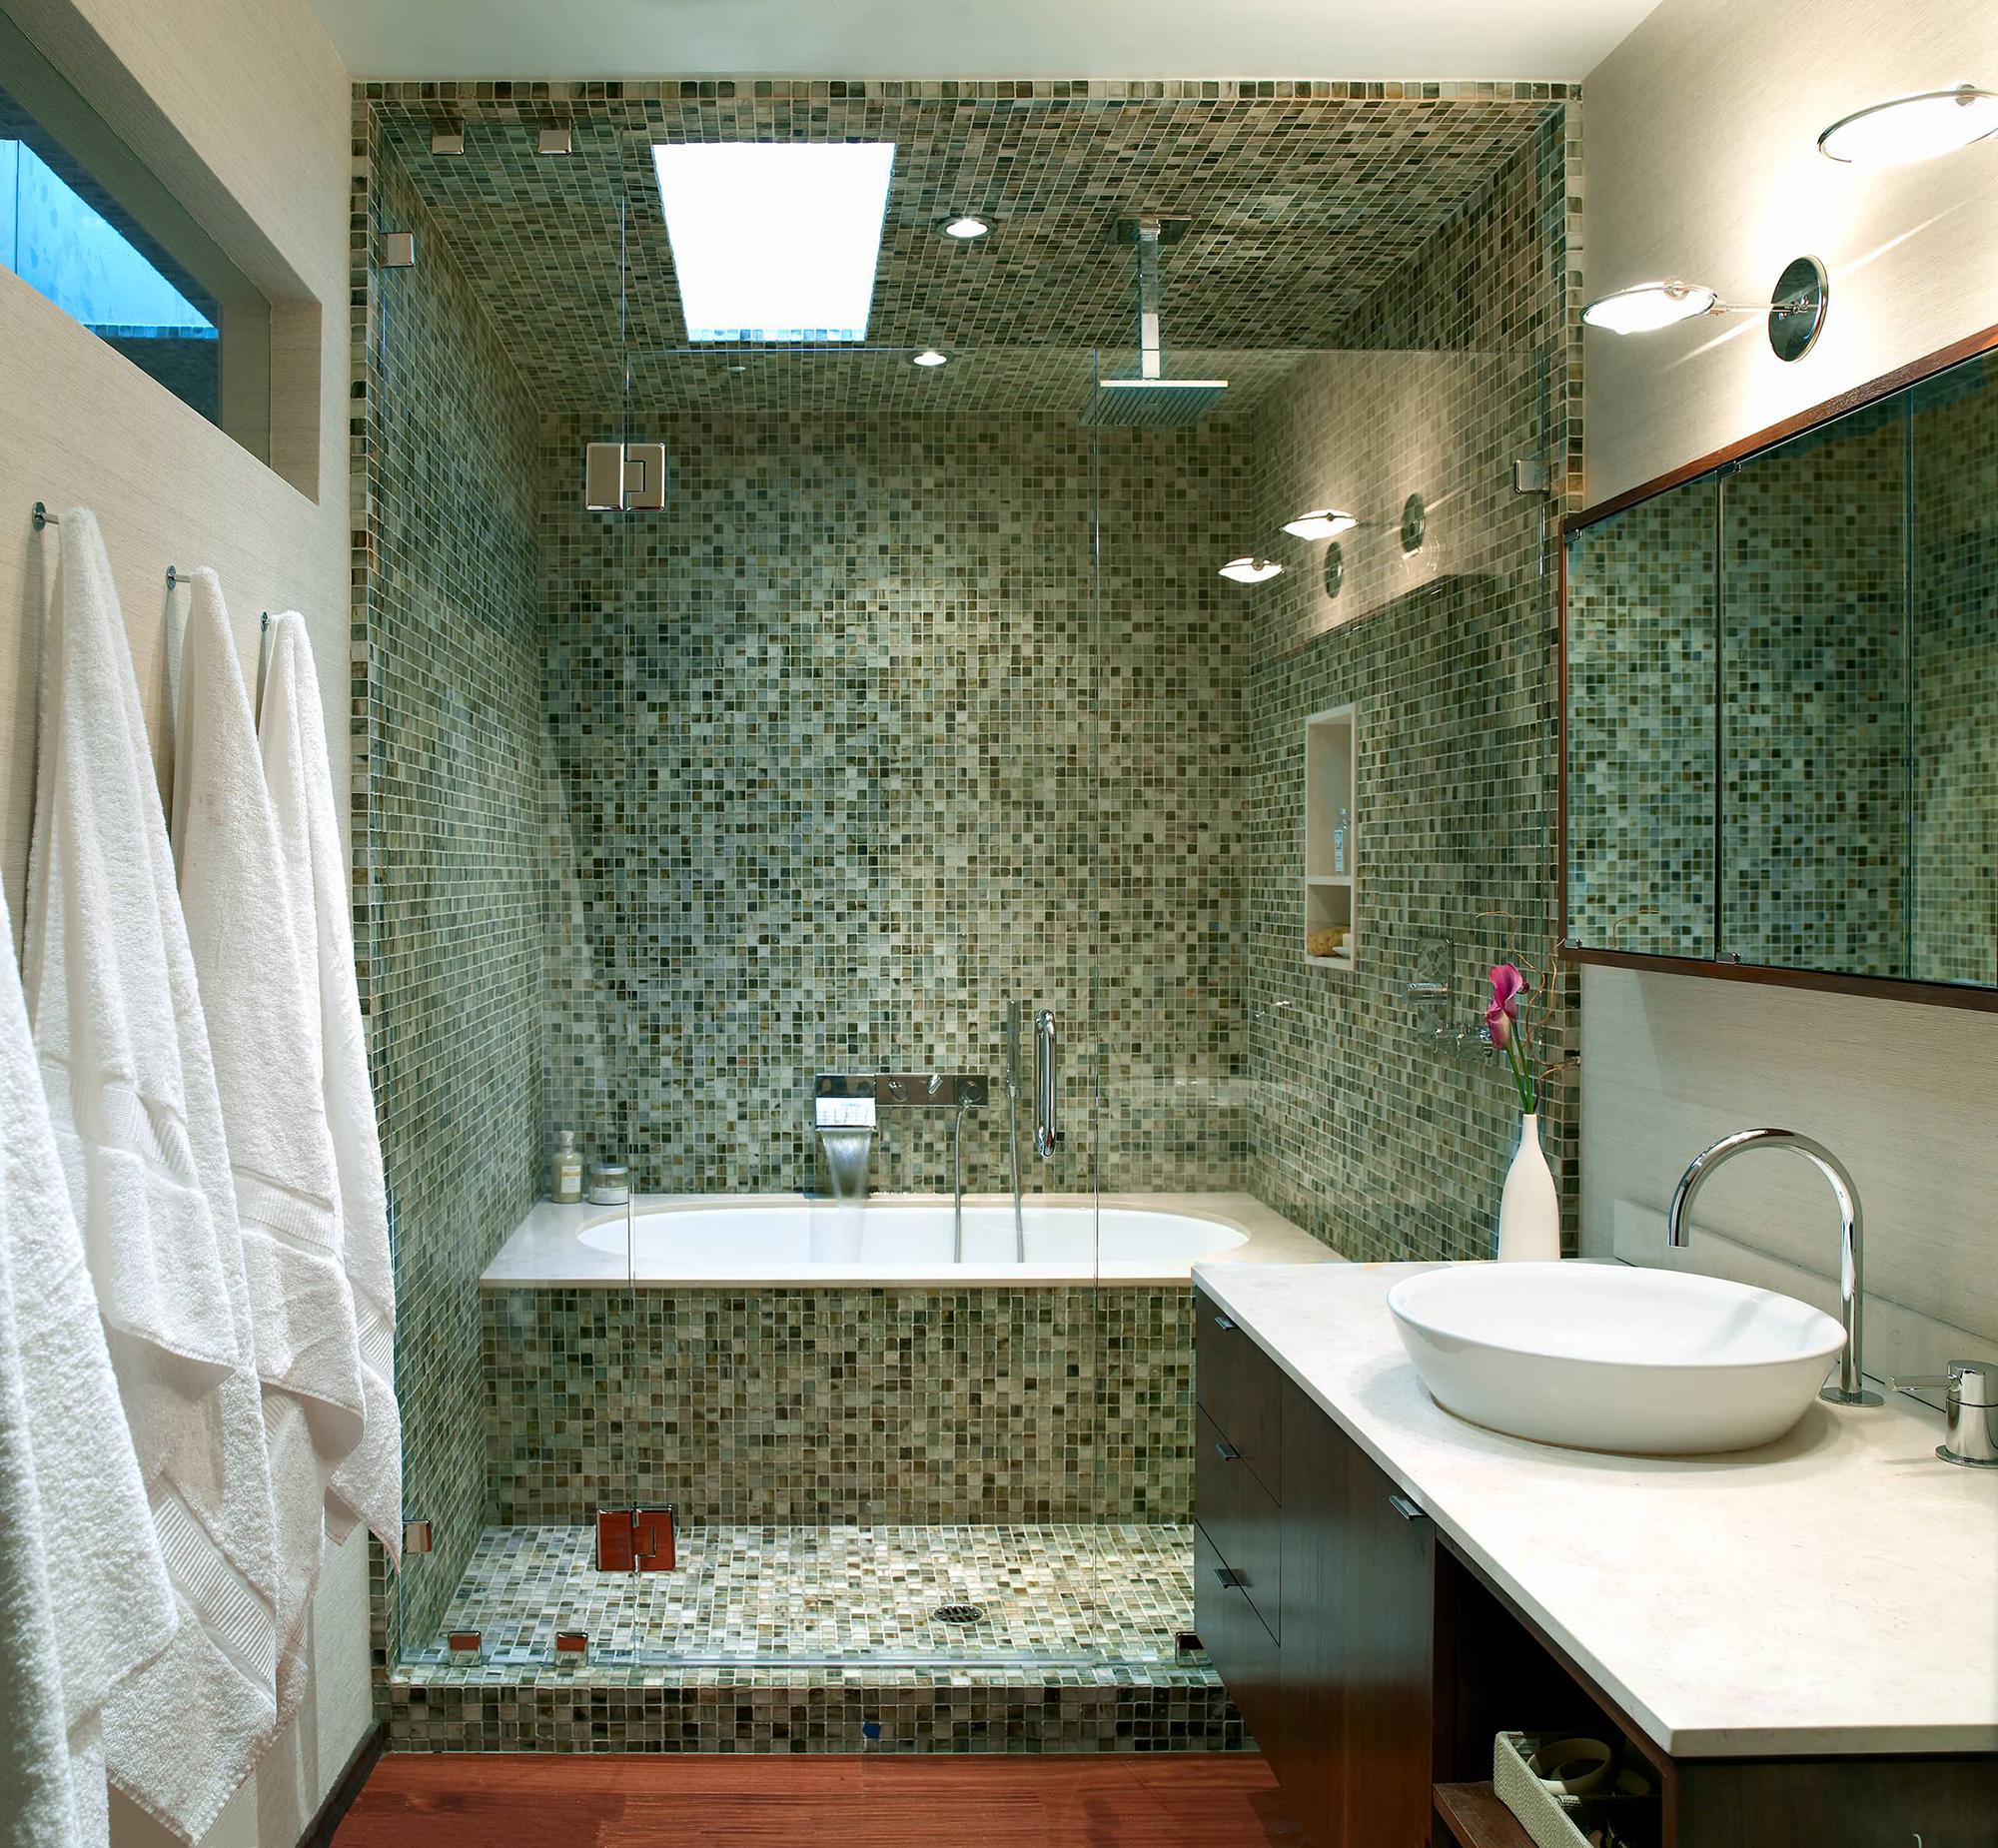 Красивая изумрудная плитка в душе в ванной комнате